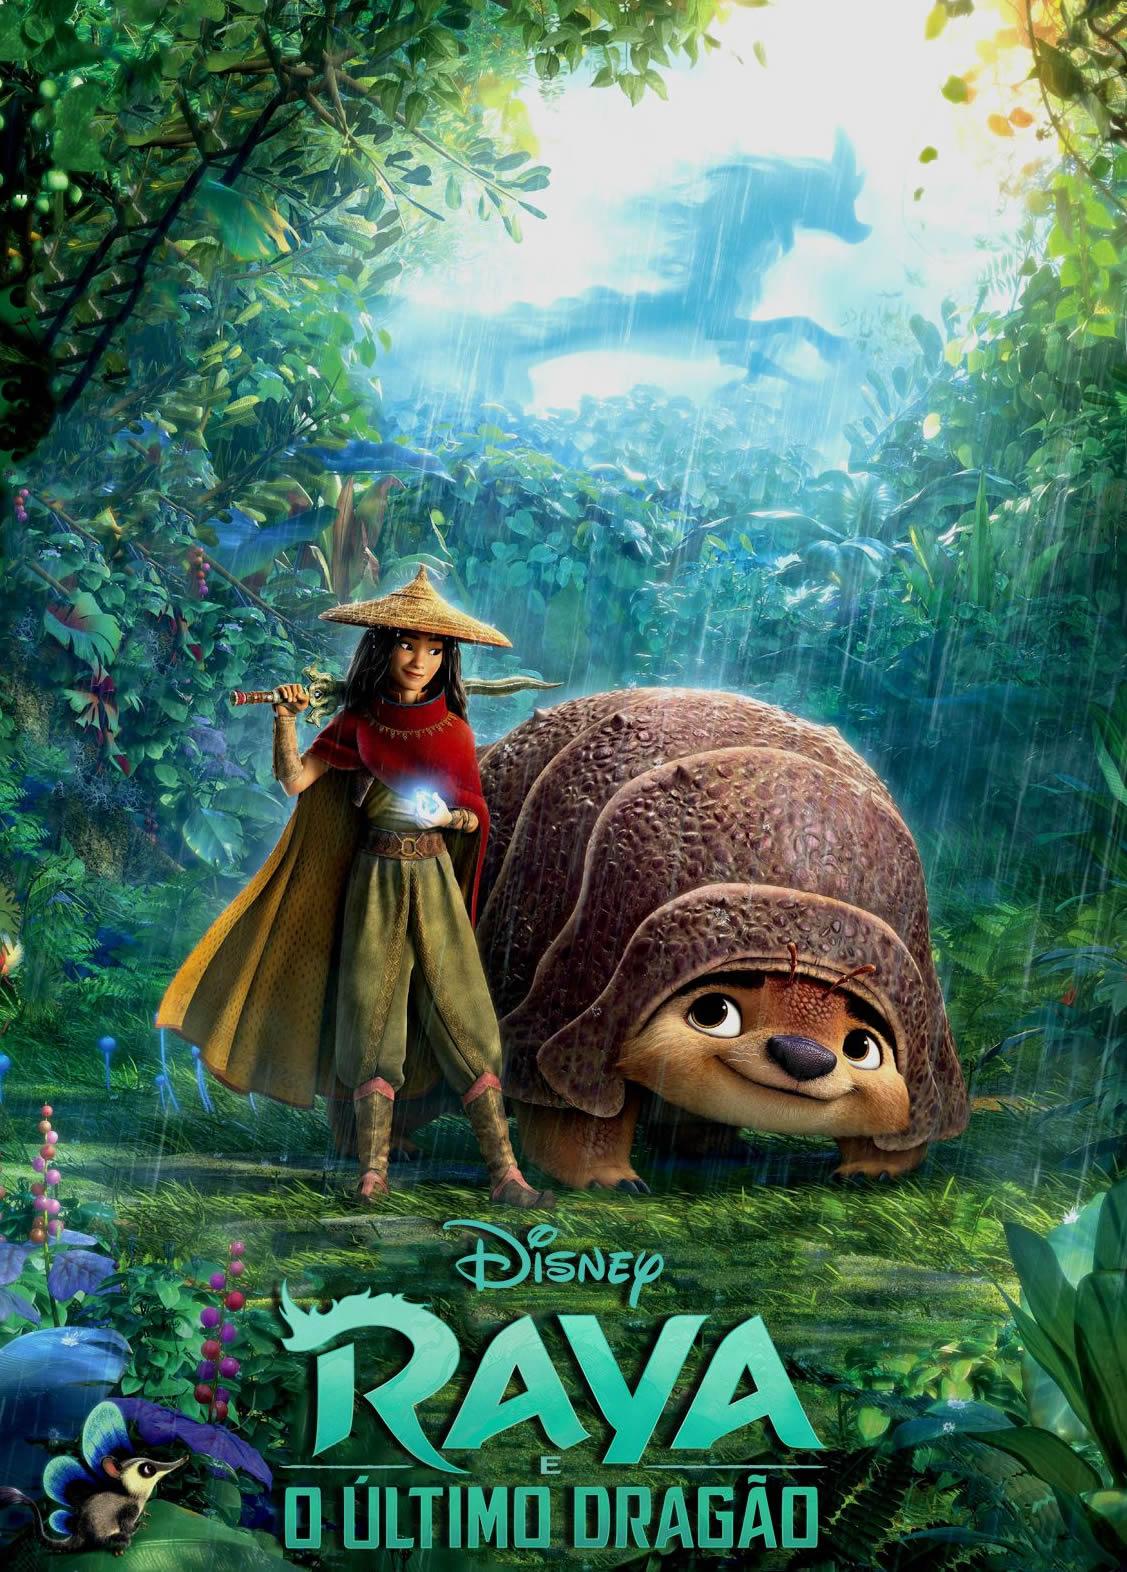 Cartaz do filme Raya com animação da menina e um bicho gigante